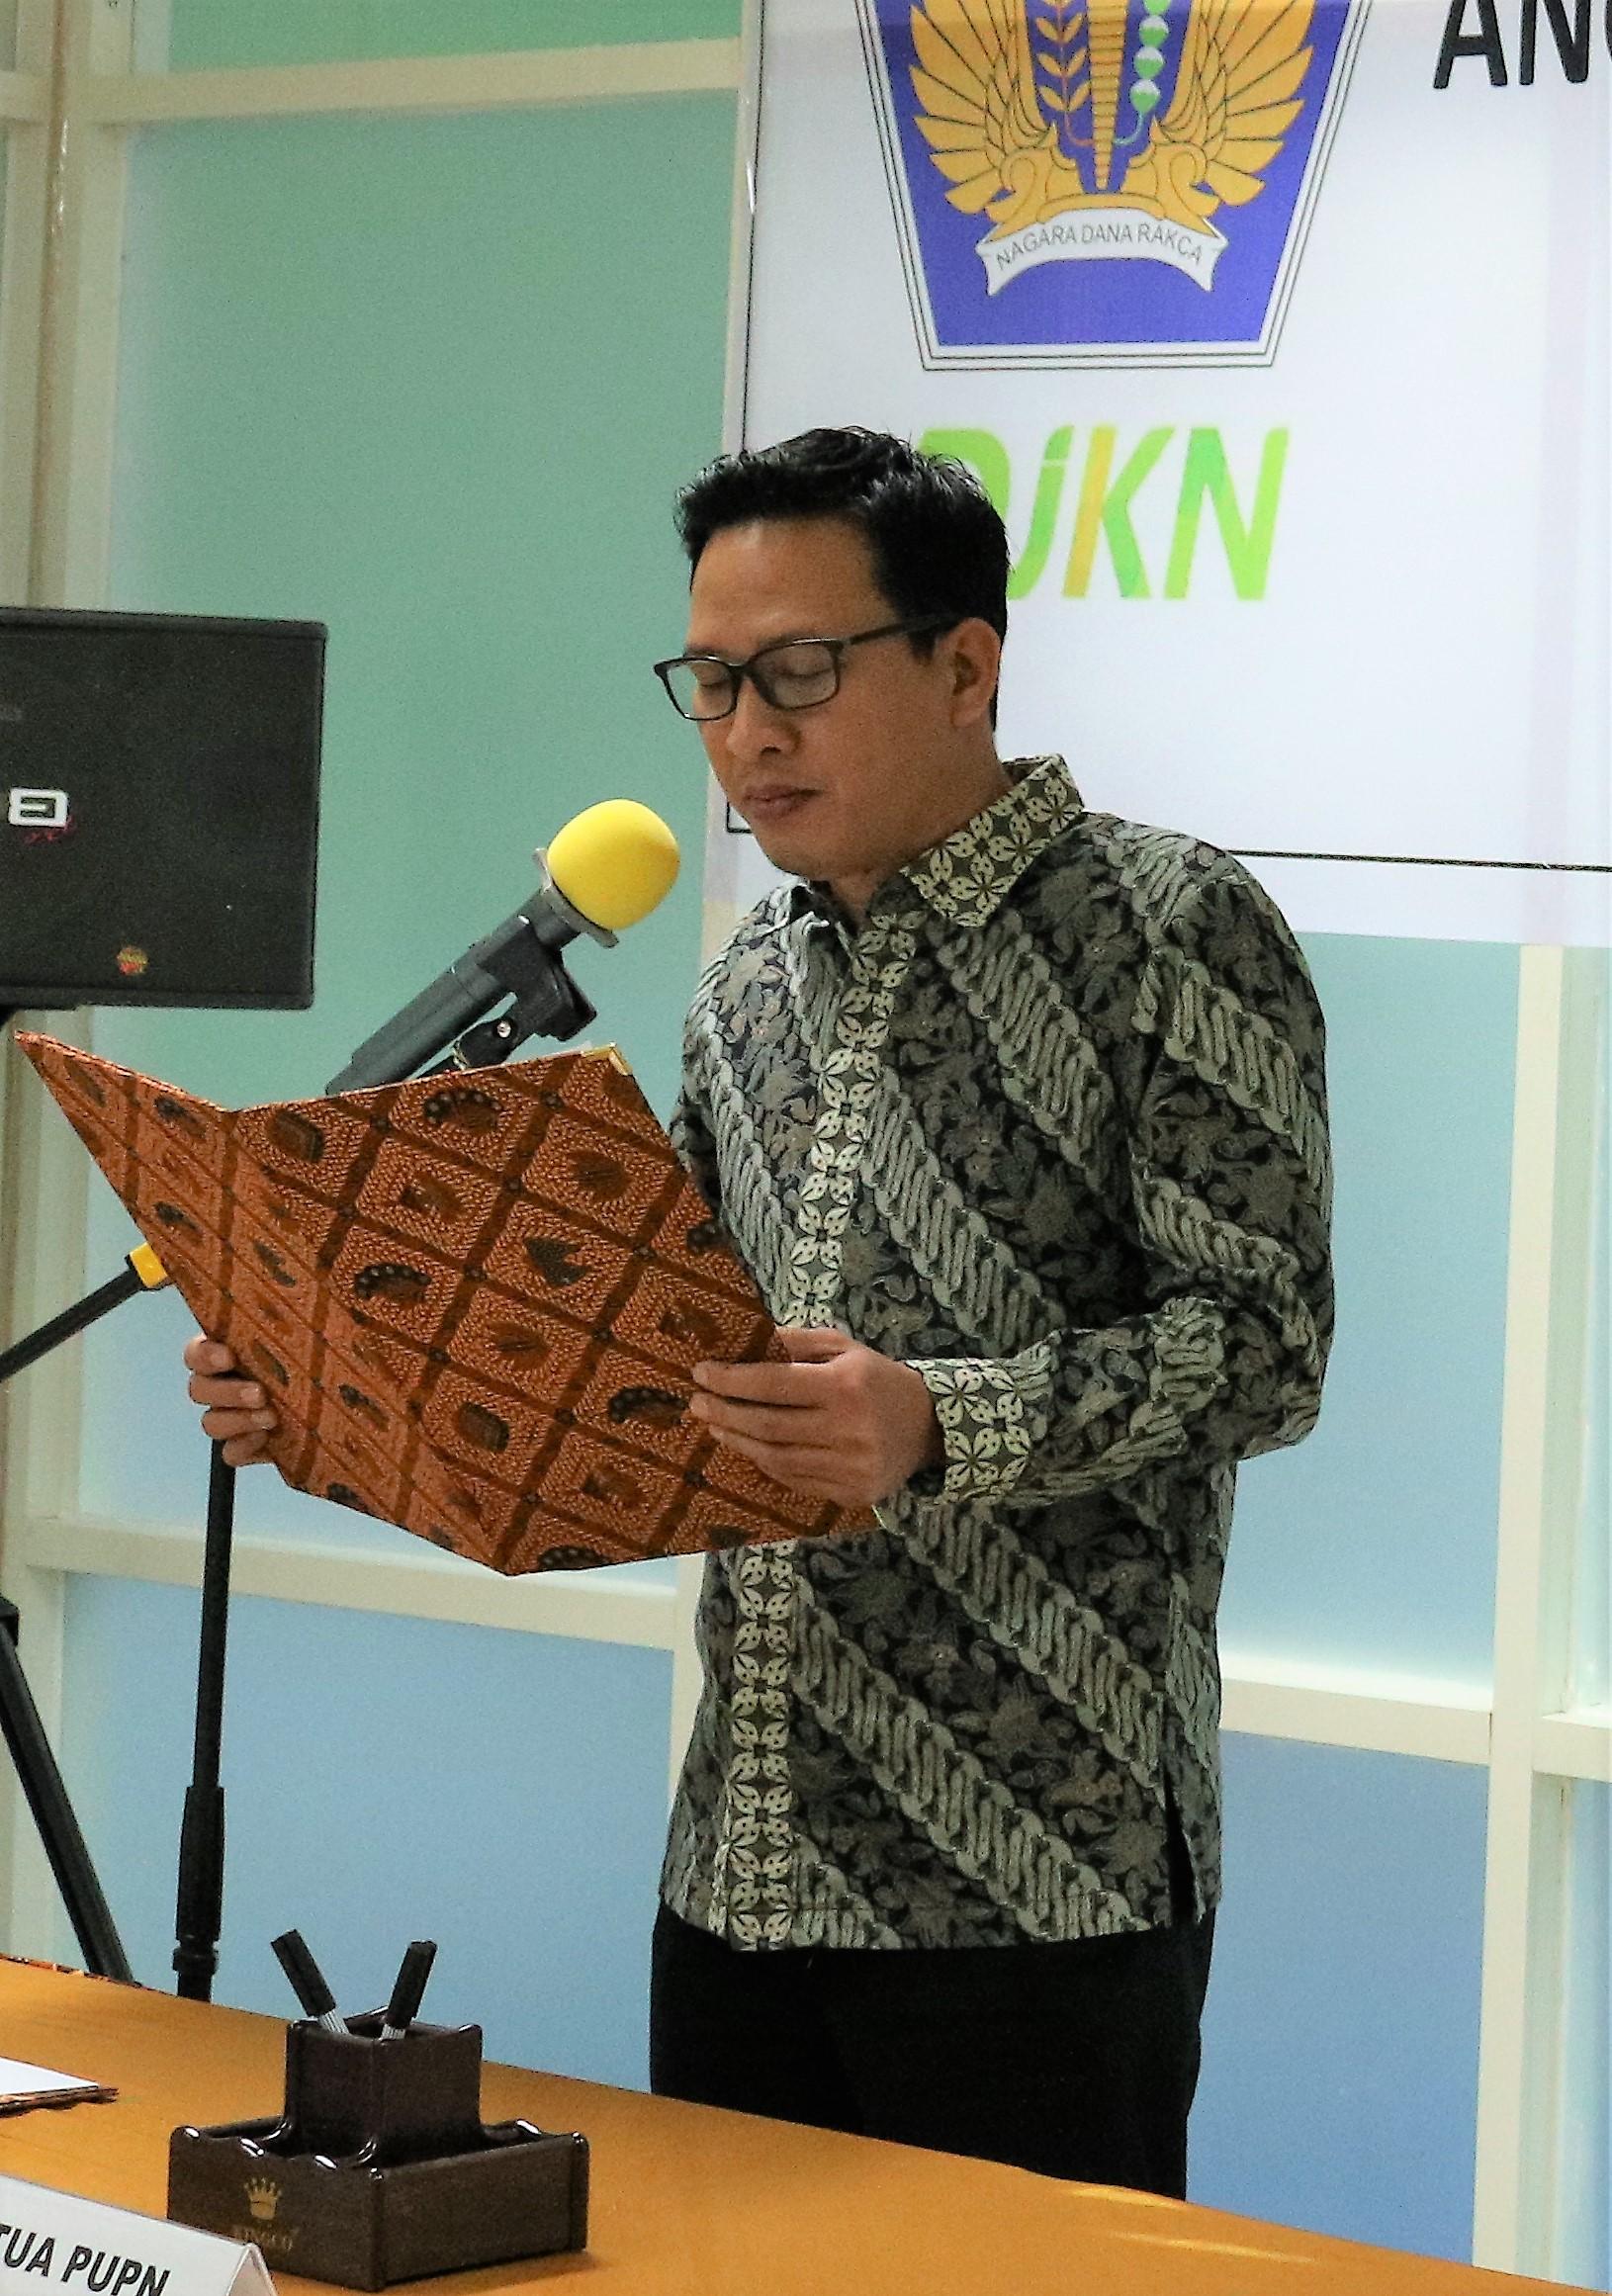 Anggota PUPN Resmi Dilantik, Akselerasi Pengurusan Piutang Negara di Mamuju Akan Lebih Meningkat